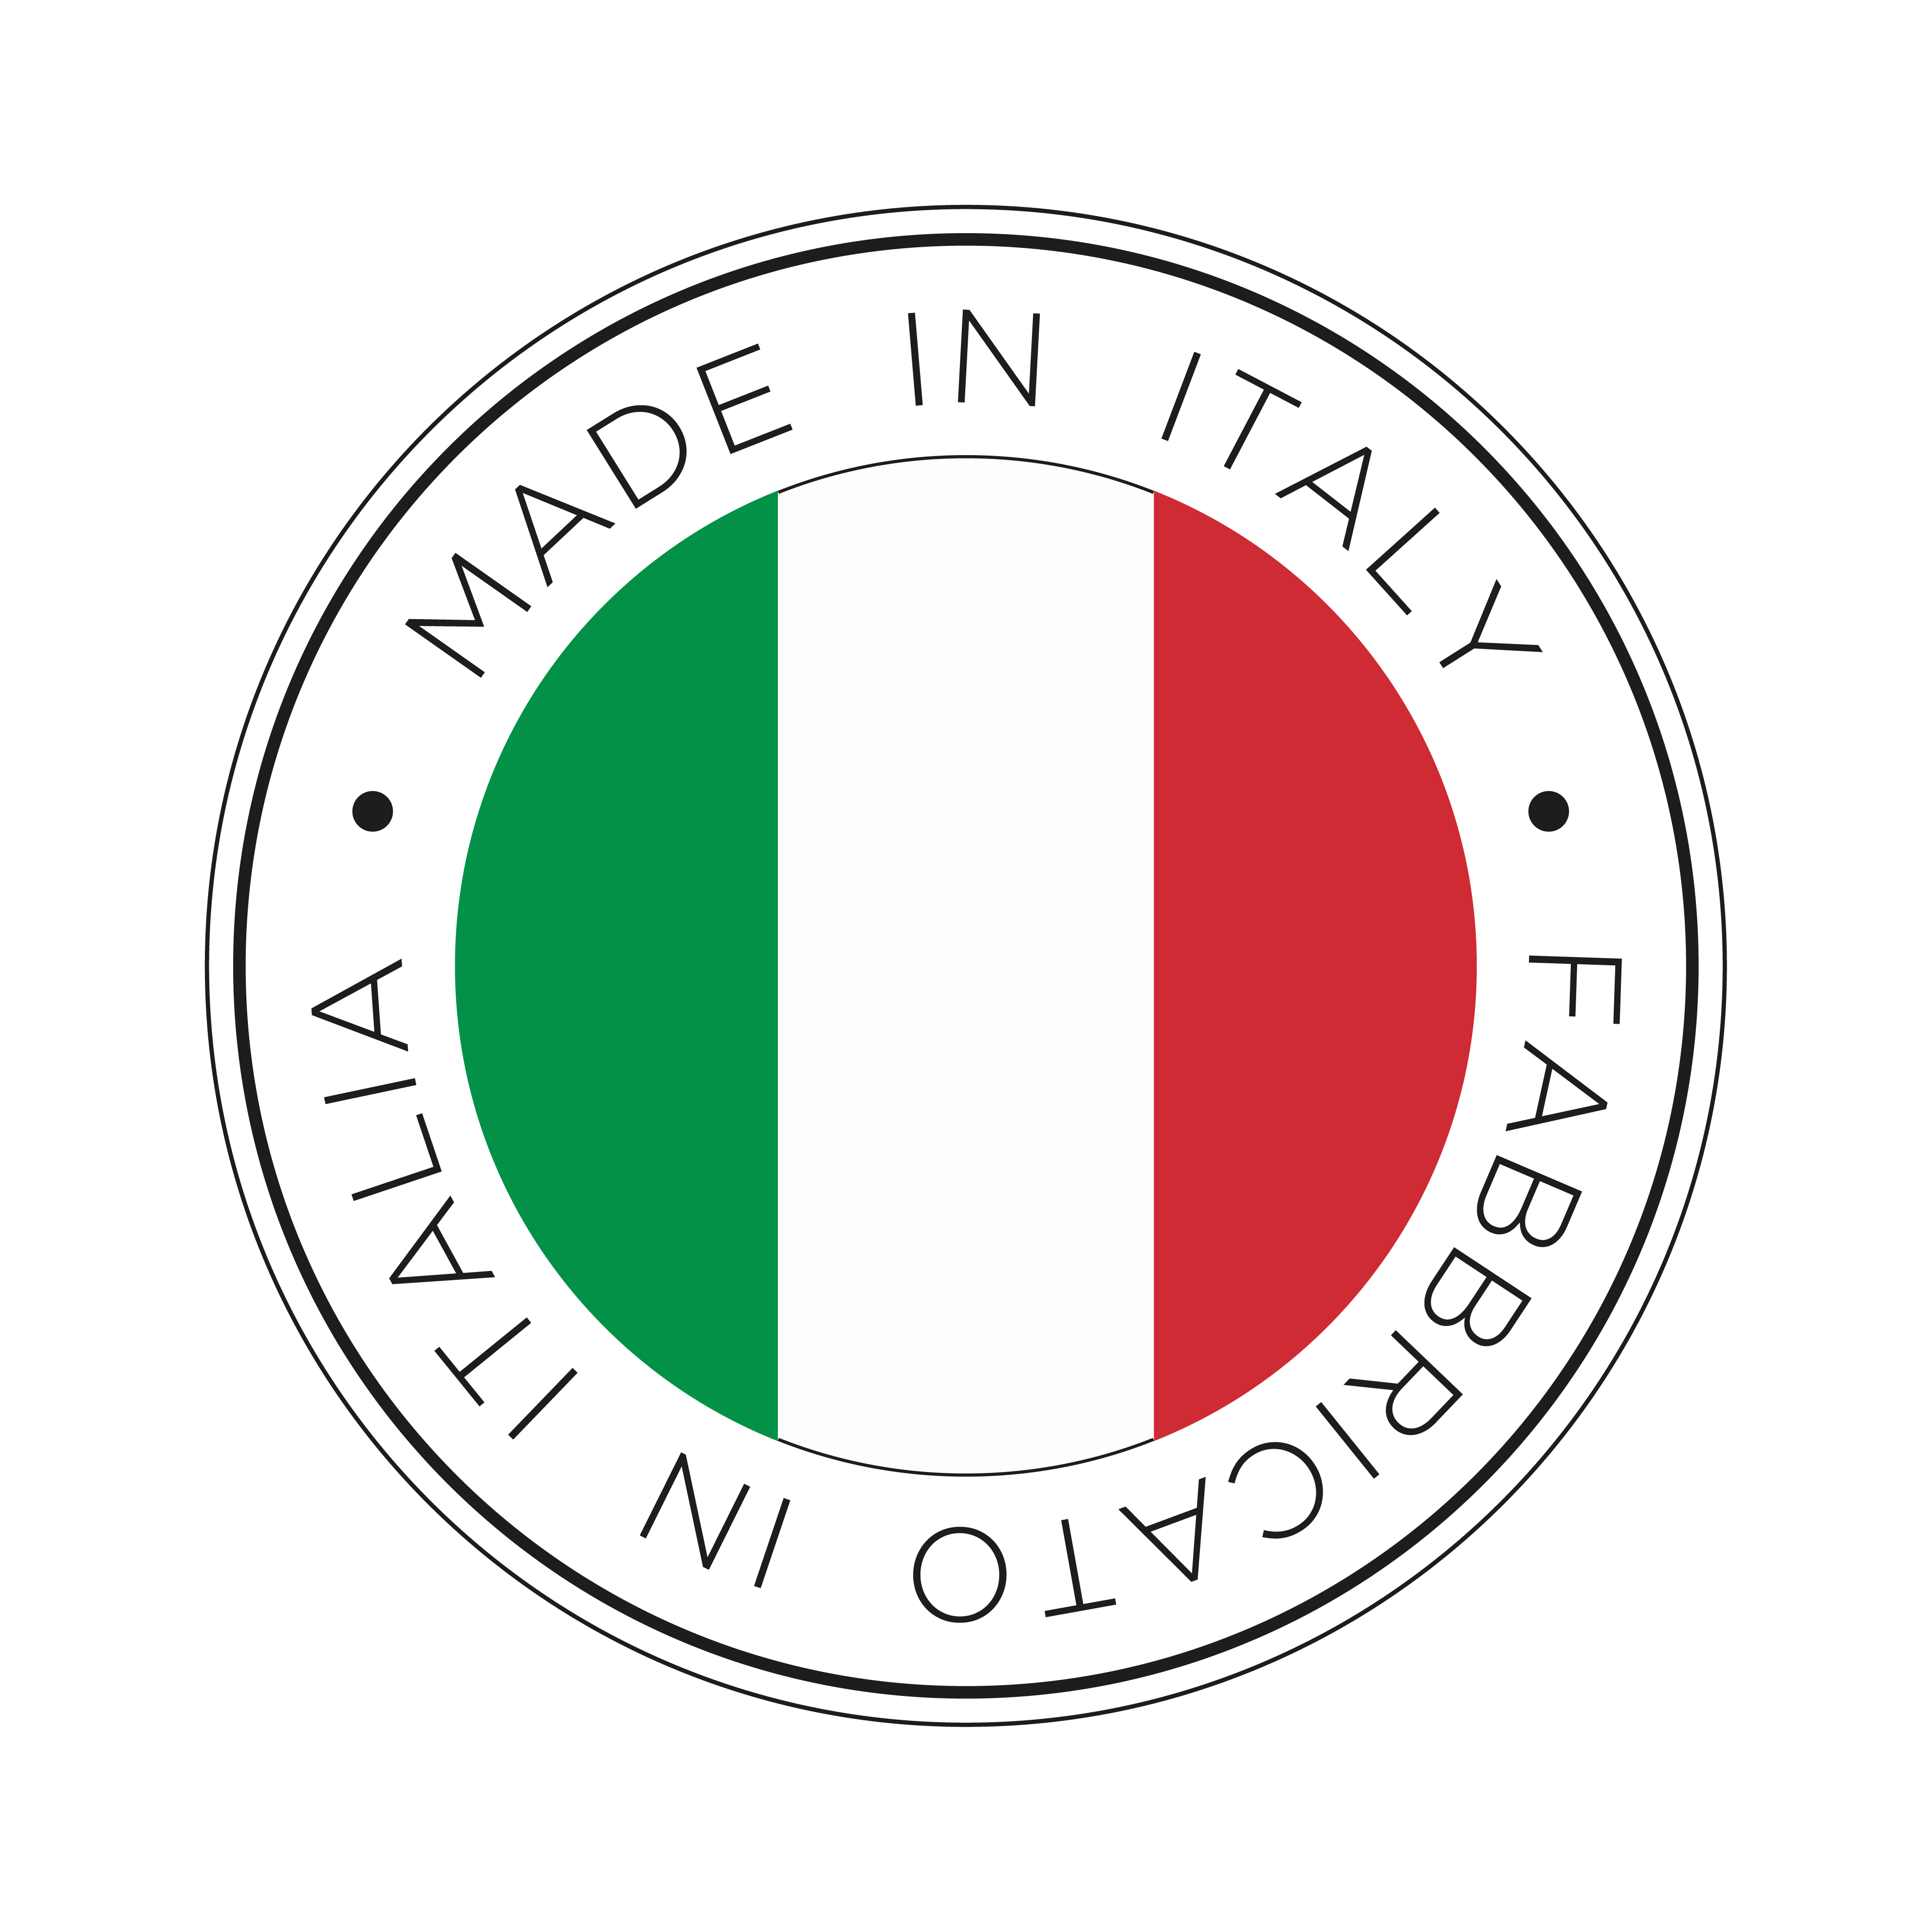 Made in Italy Kennzeichnungssymbol. - Download Kostenlos Vector, Clipart  Graphics, Vektorgrafiken und Design Vorlagen